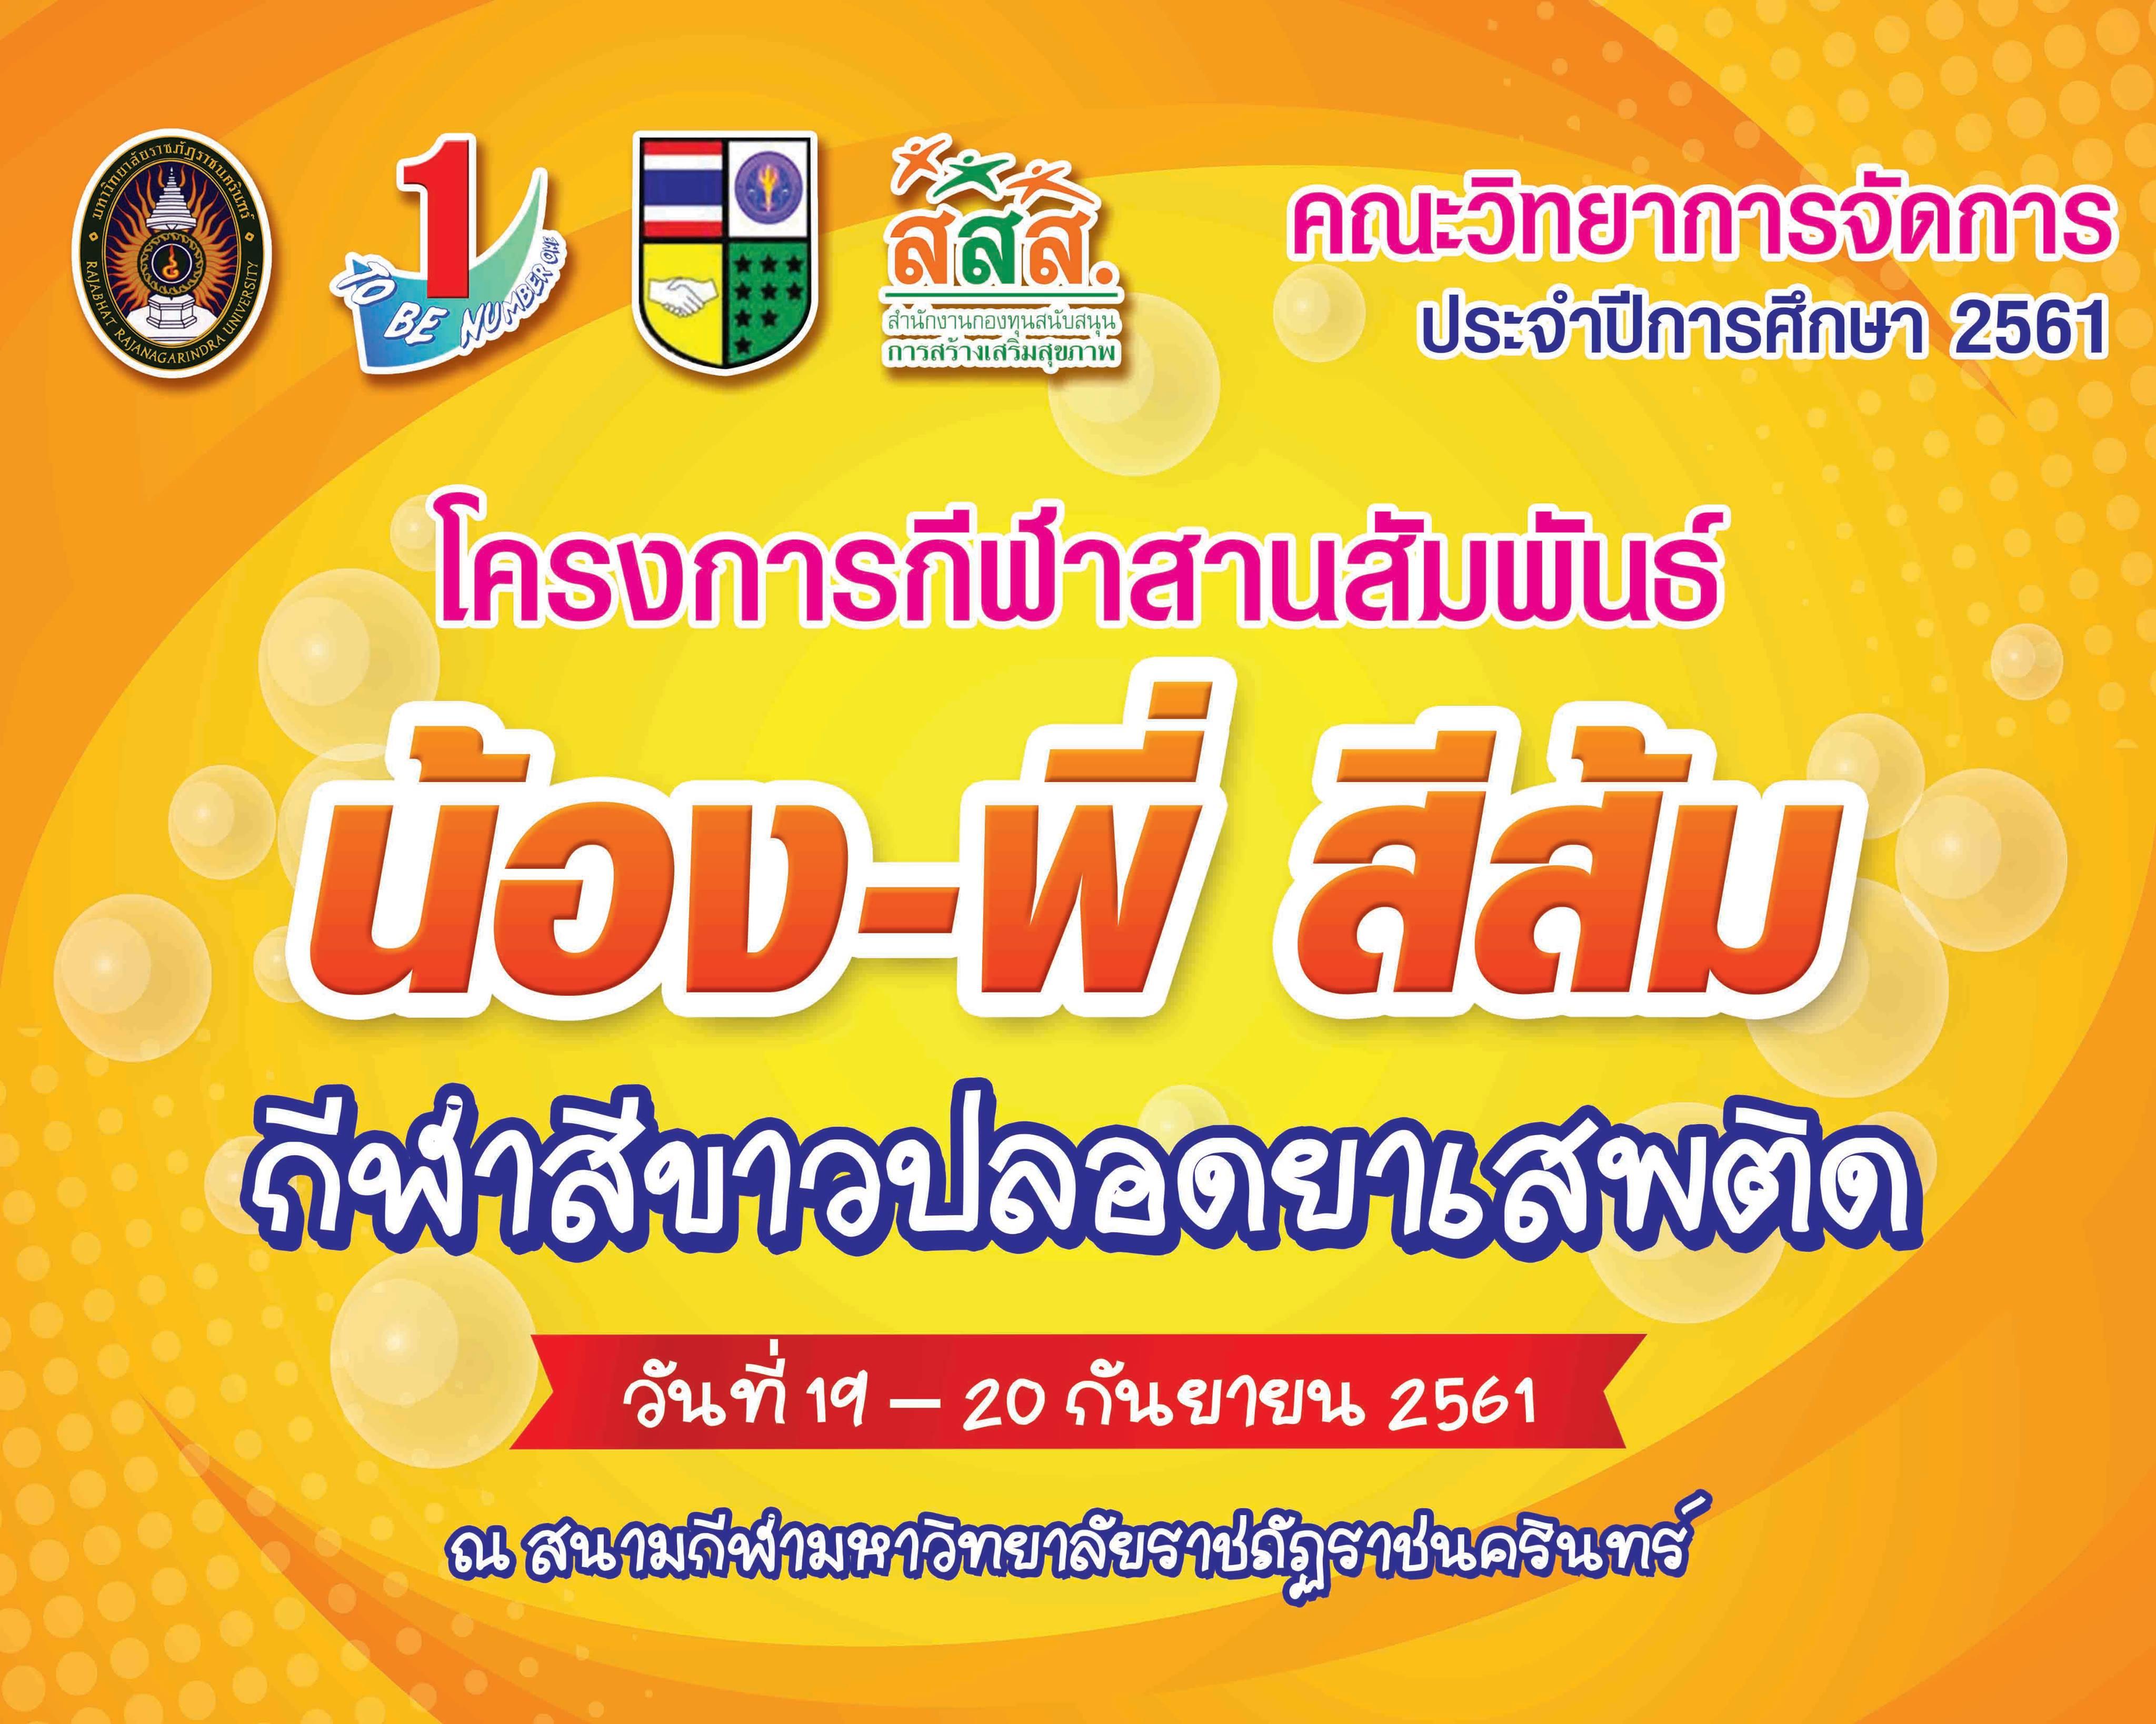 กีฬาสานสัมพันธ์น้อง-พี่สีส้ม ประจำปีการศึกษา 2561